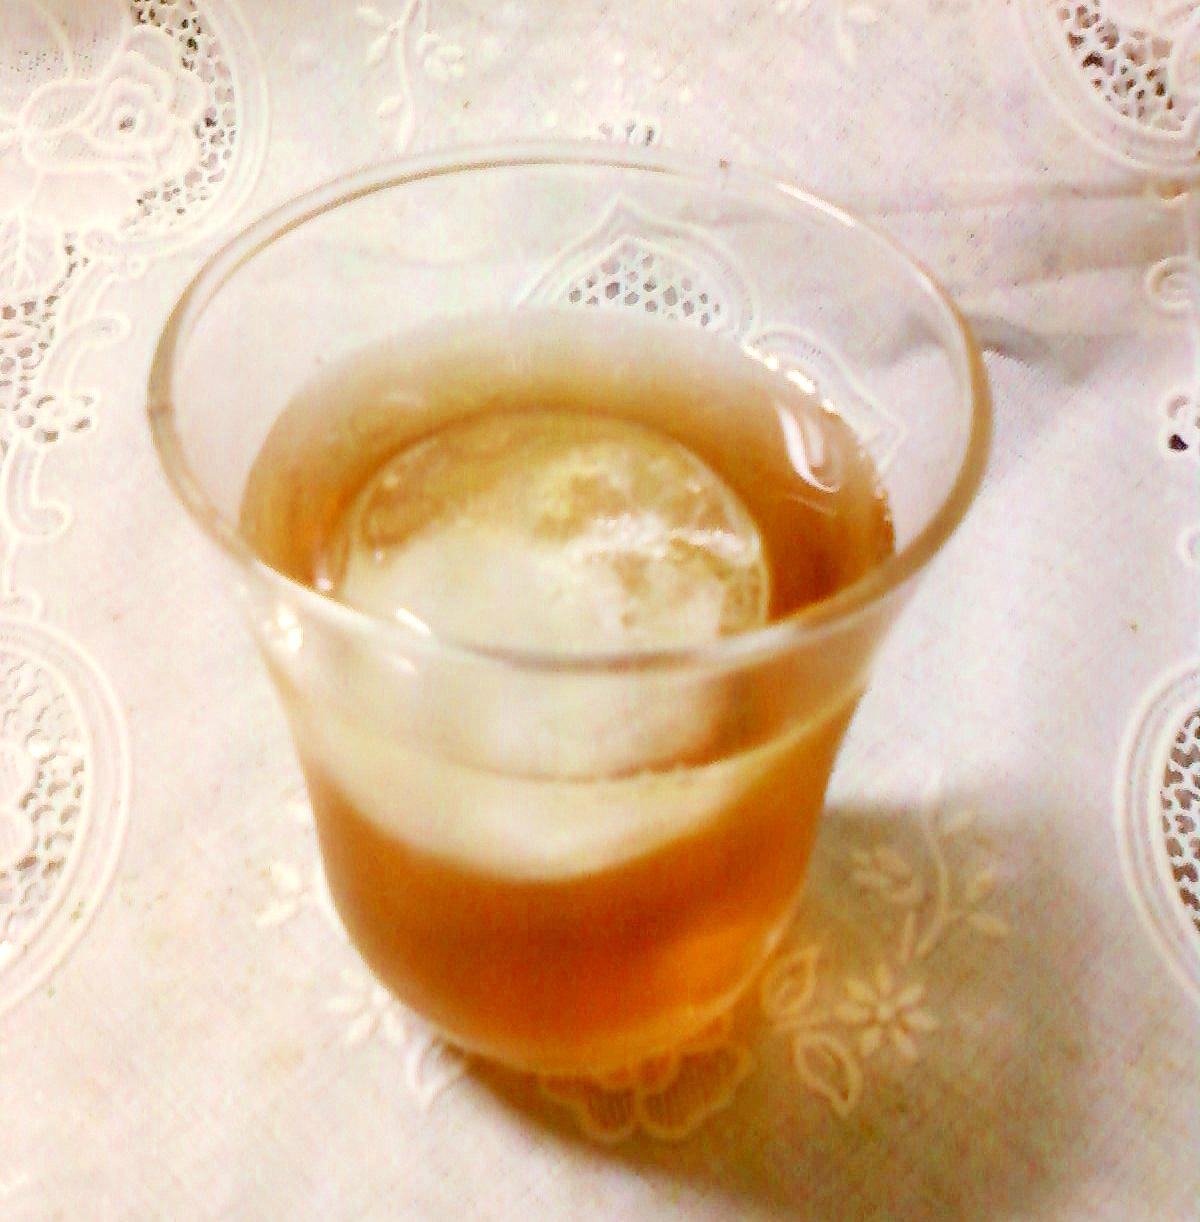 ☆*:・★・爽やか飲料☆ミント麦茶緑茶・☆*:・★